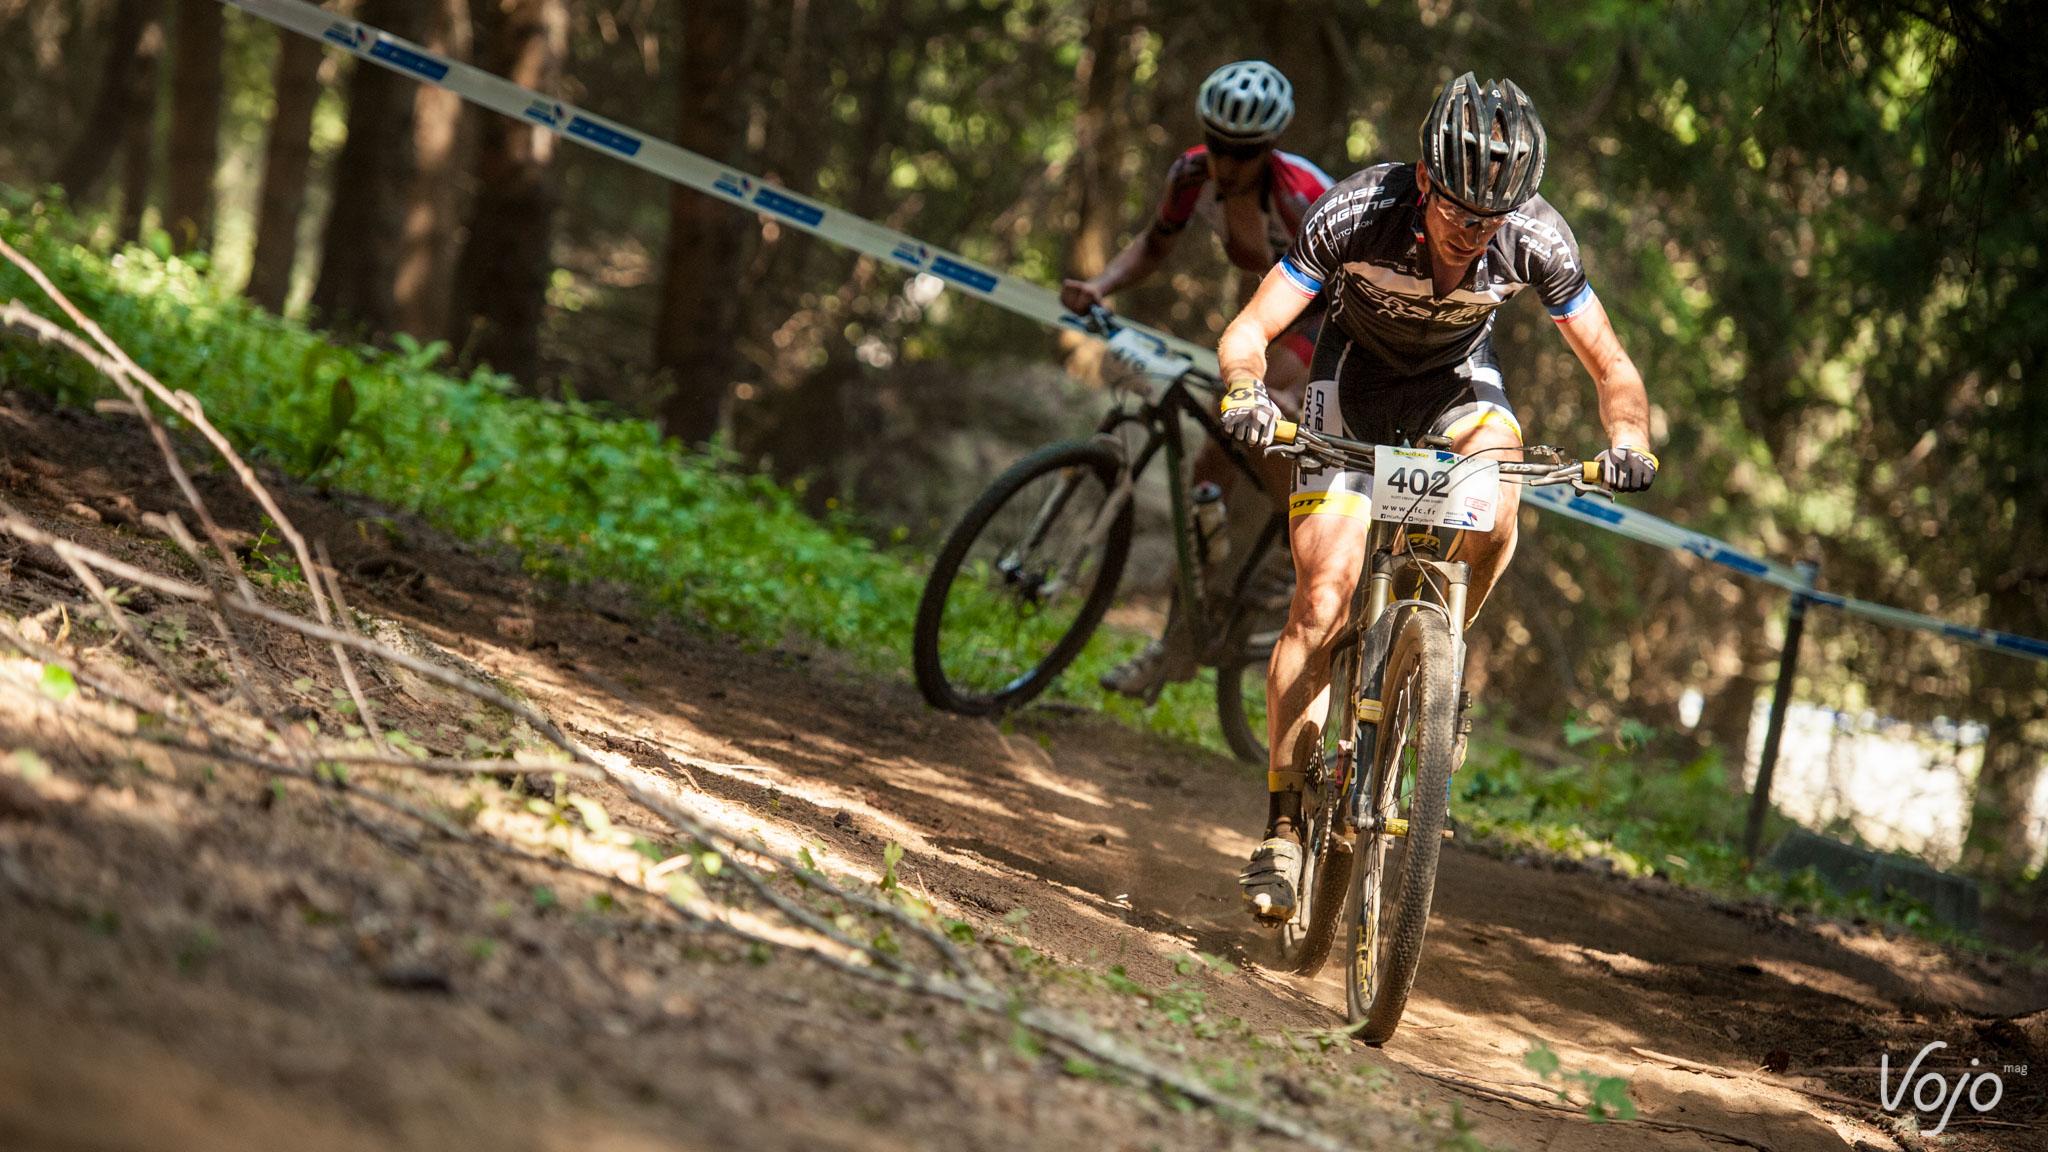 Championnats-de-france-2015-Oz-XC-Espoirs-finale-25